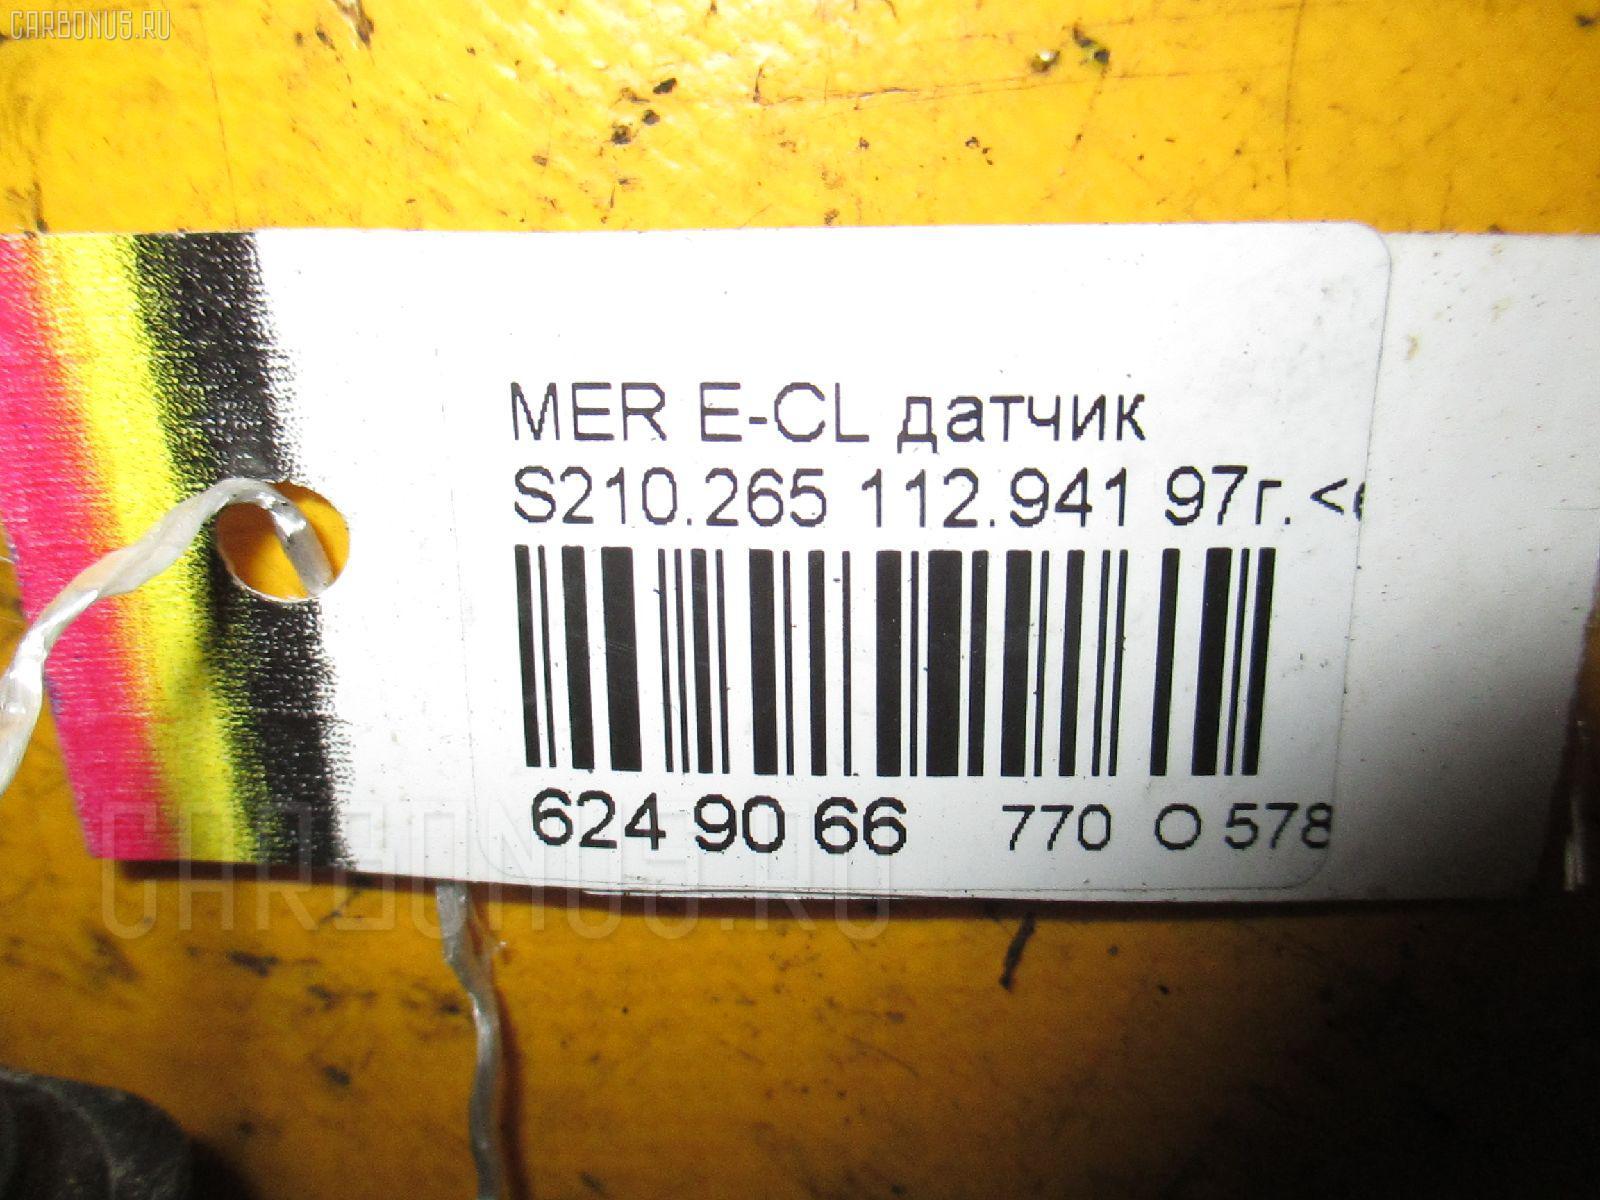 Клапан вентиляции топливного бака MERCEDES-BENZ E-CLASS STATION WAGON S210.265 112.941 Фото 8